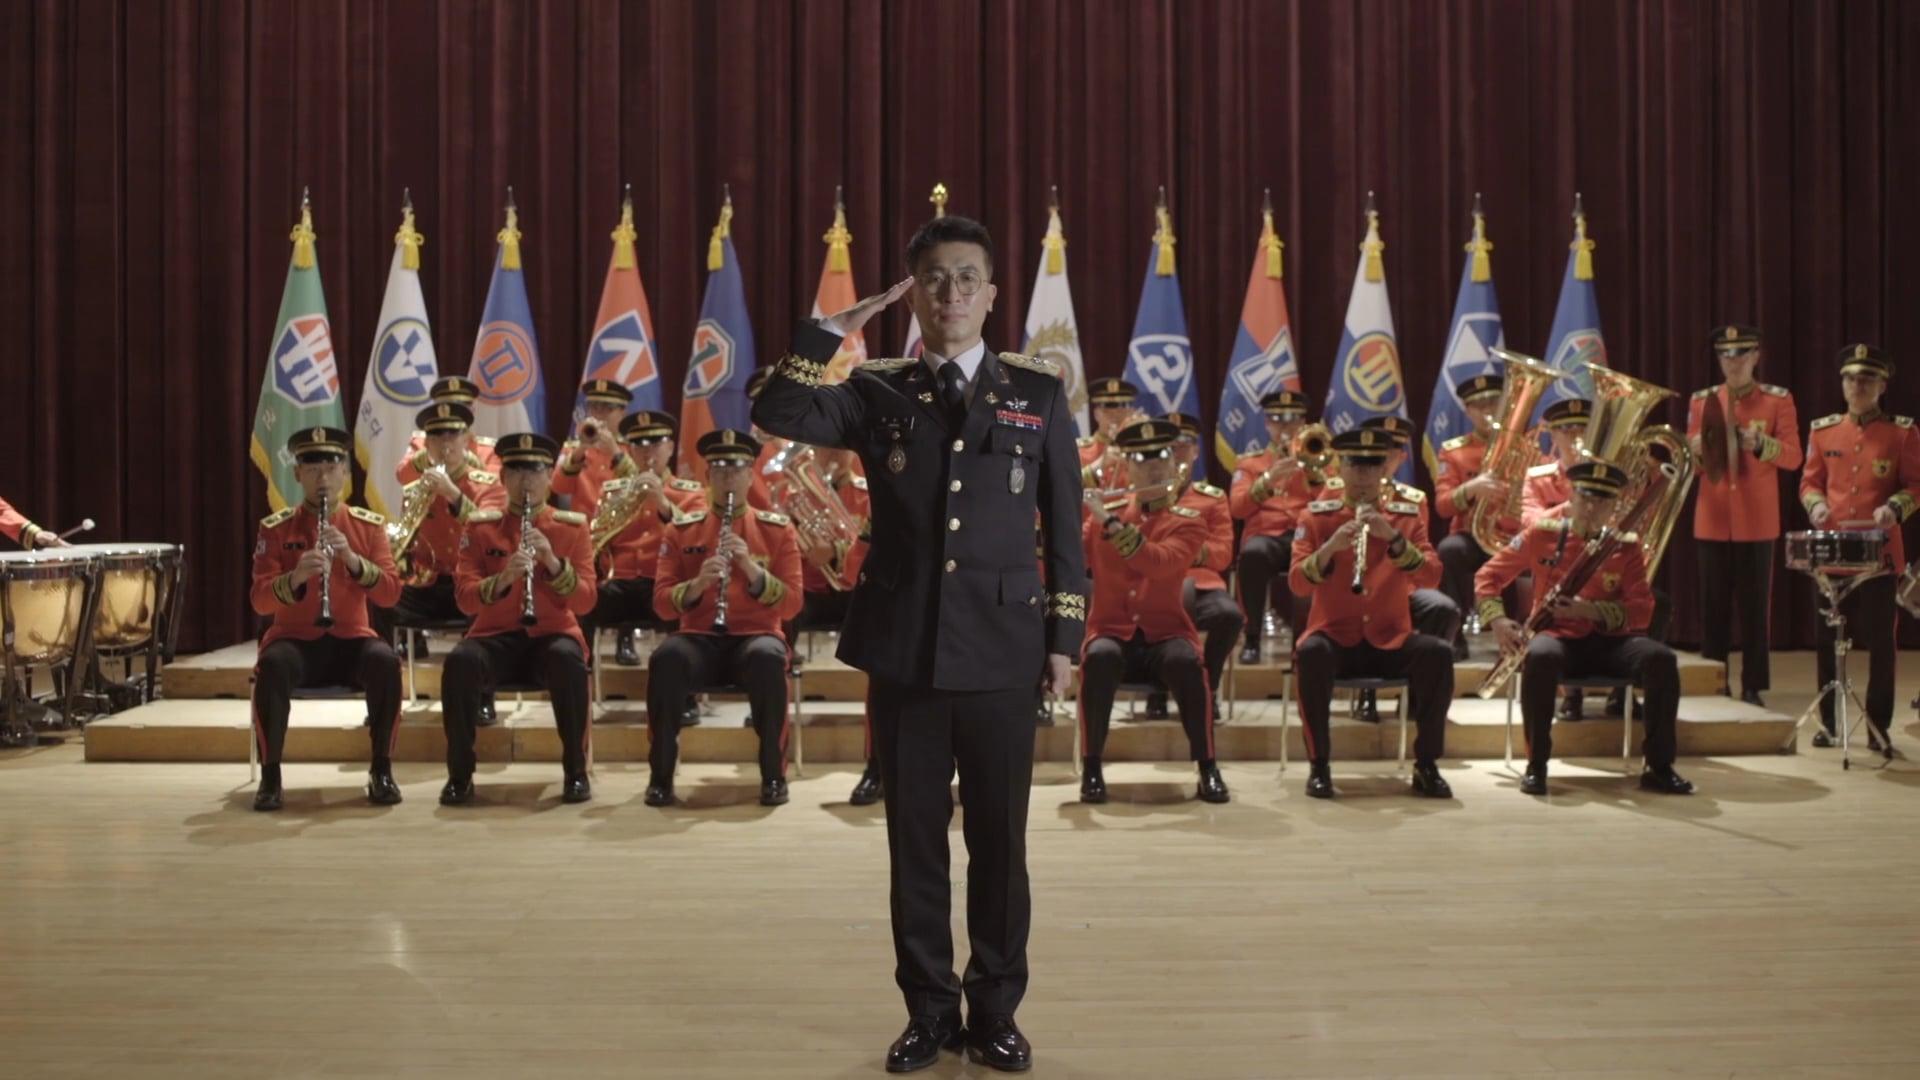 육군 신 군가 '우리는 육군' 뮤직비디오